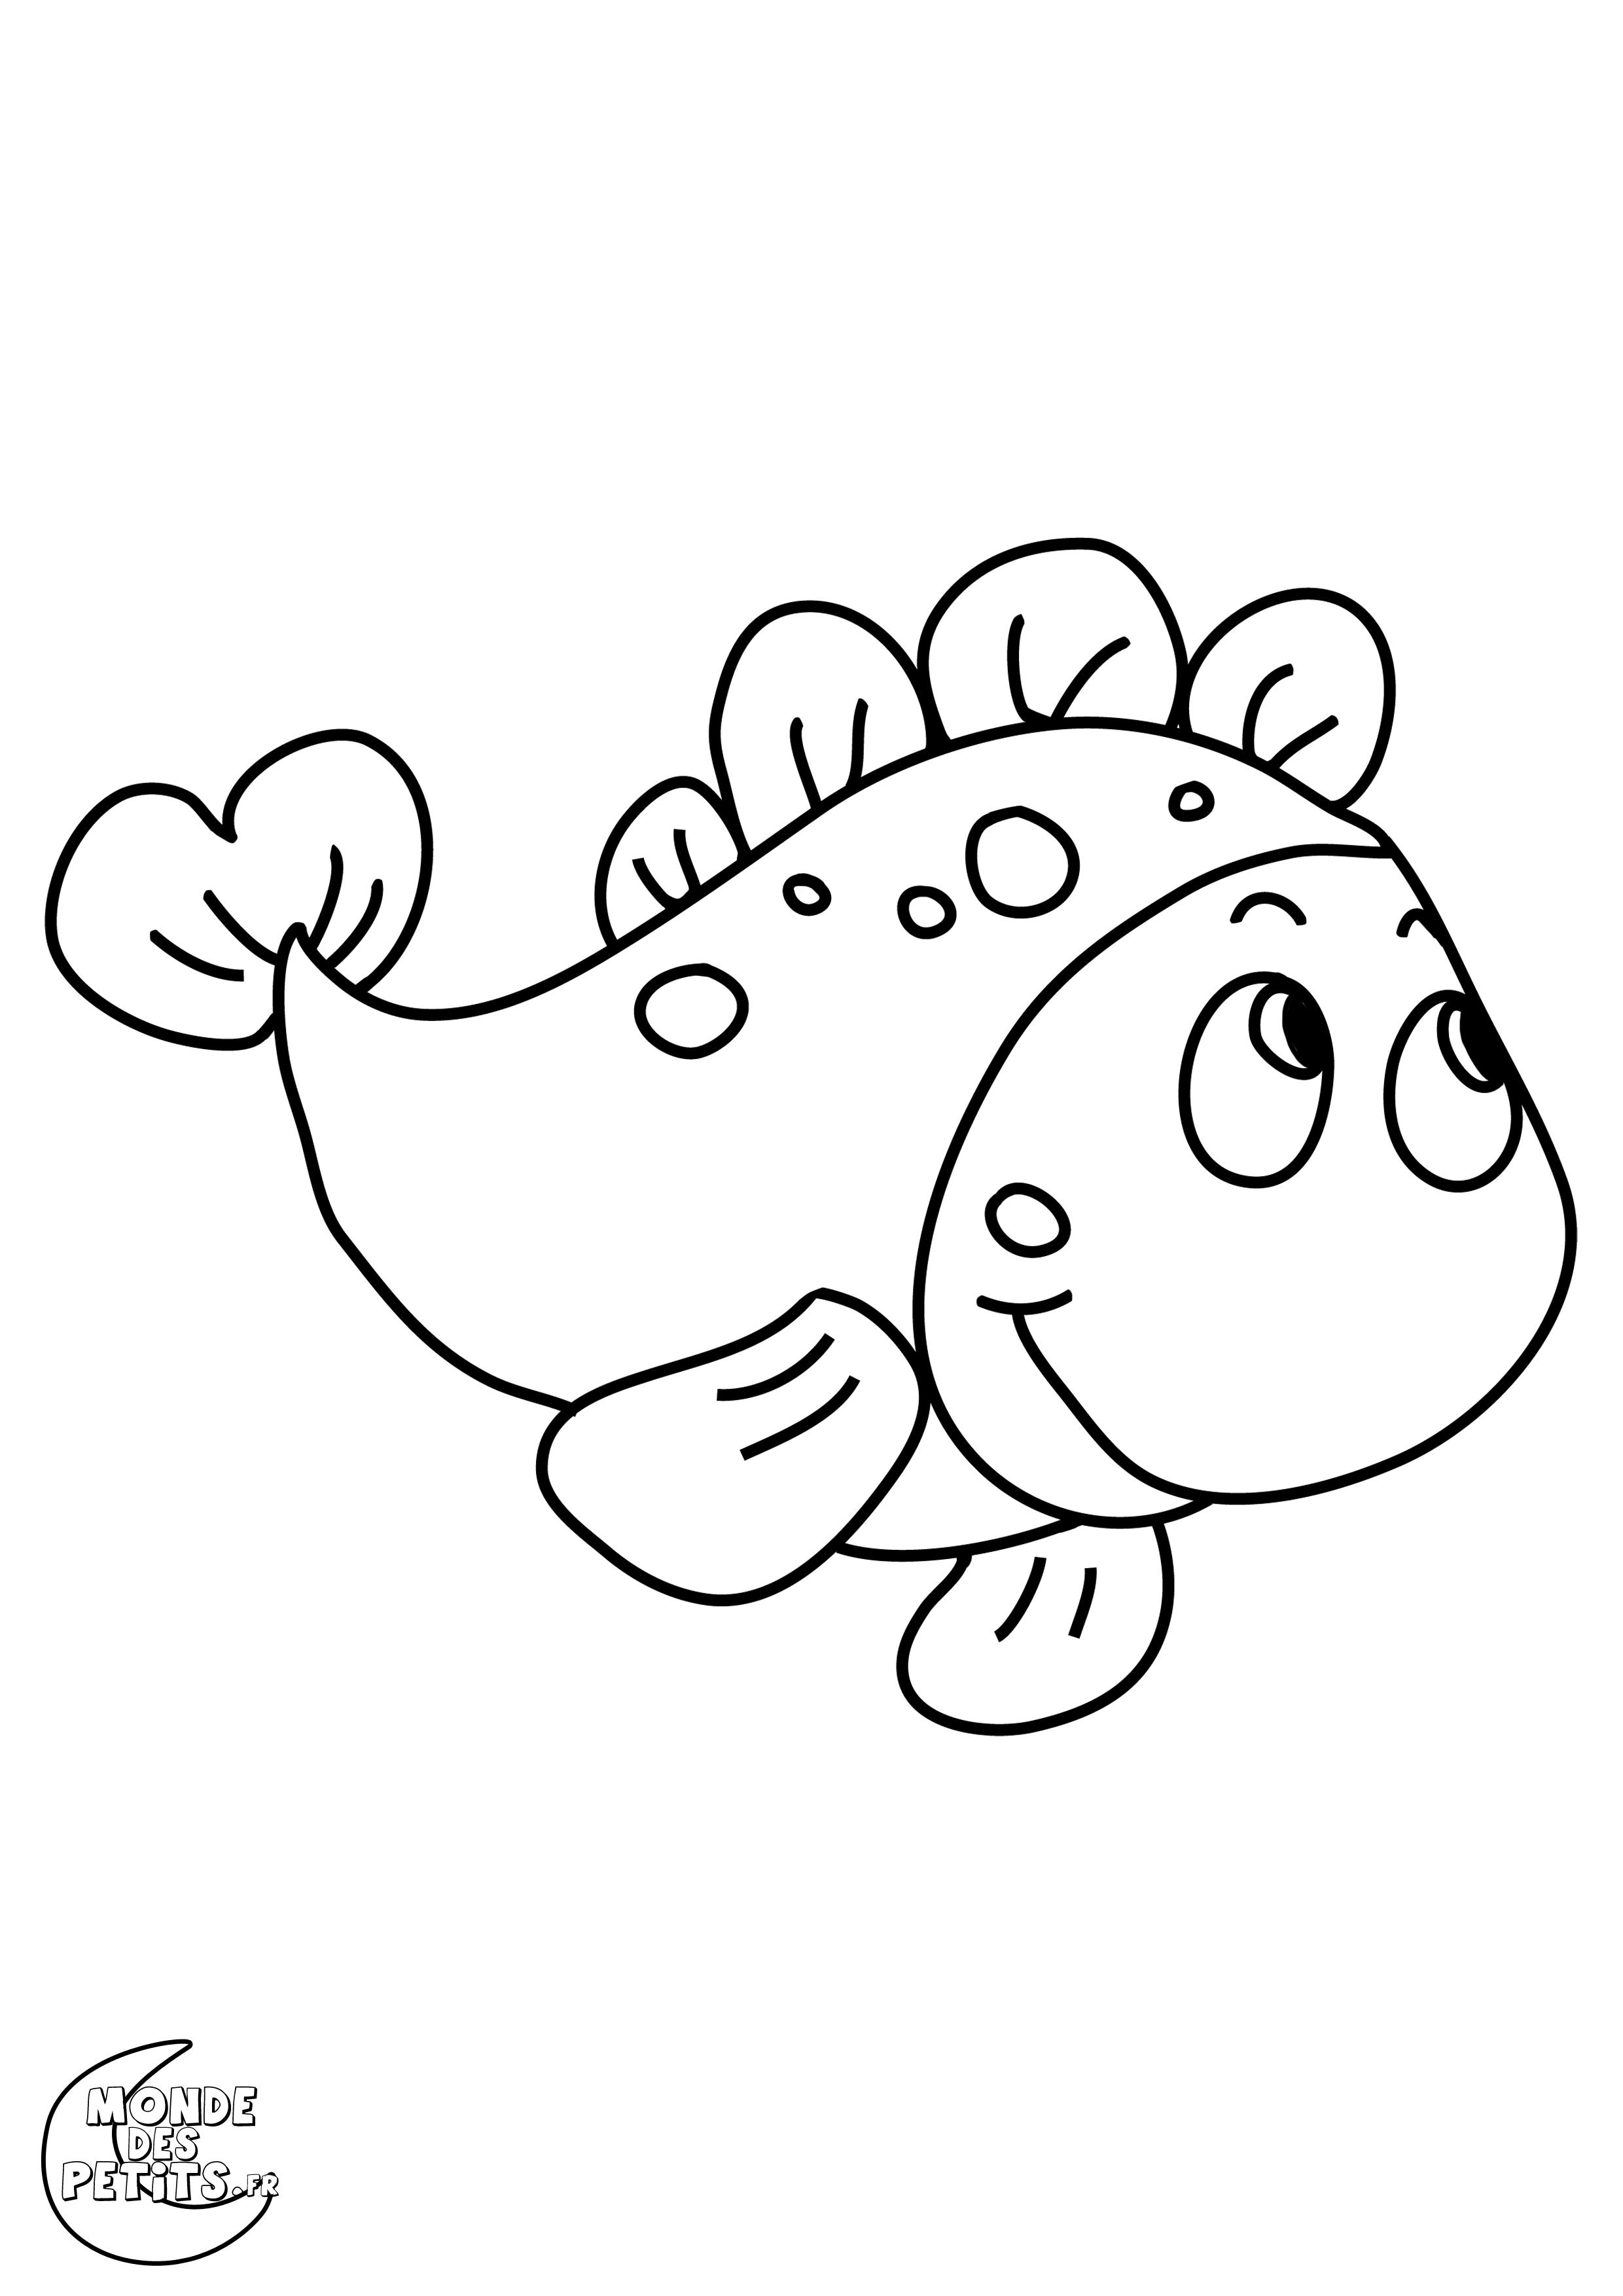 Monde des petits coloriages imprimer - Dessin poisson d avril rigolo ...